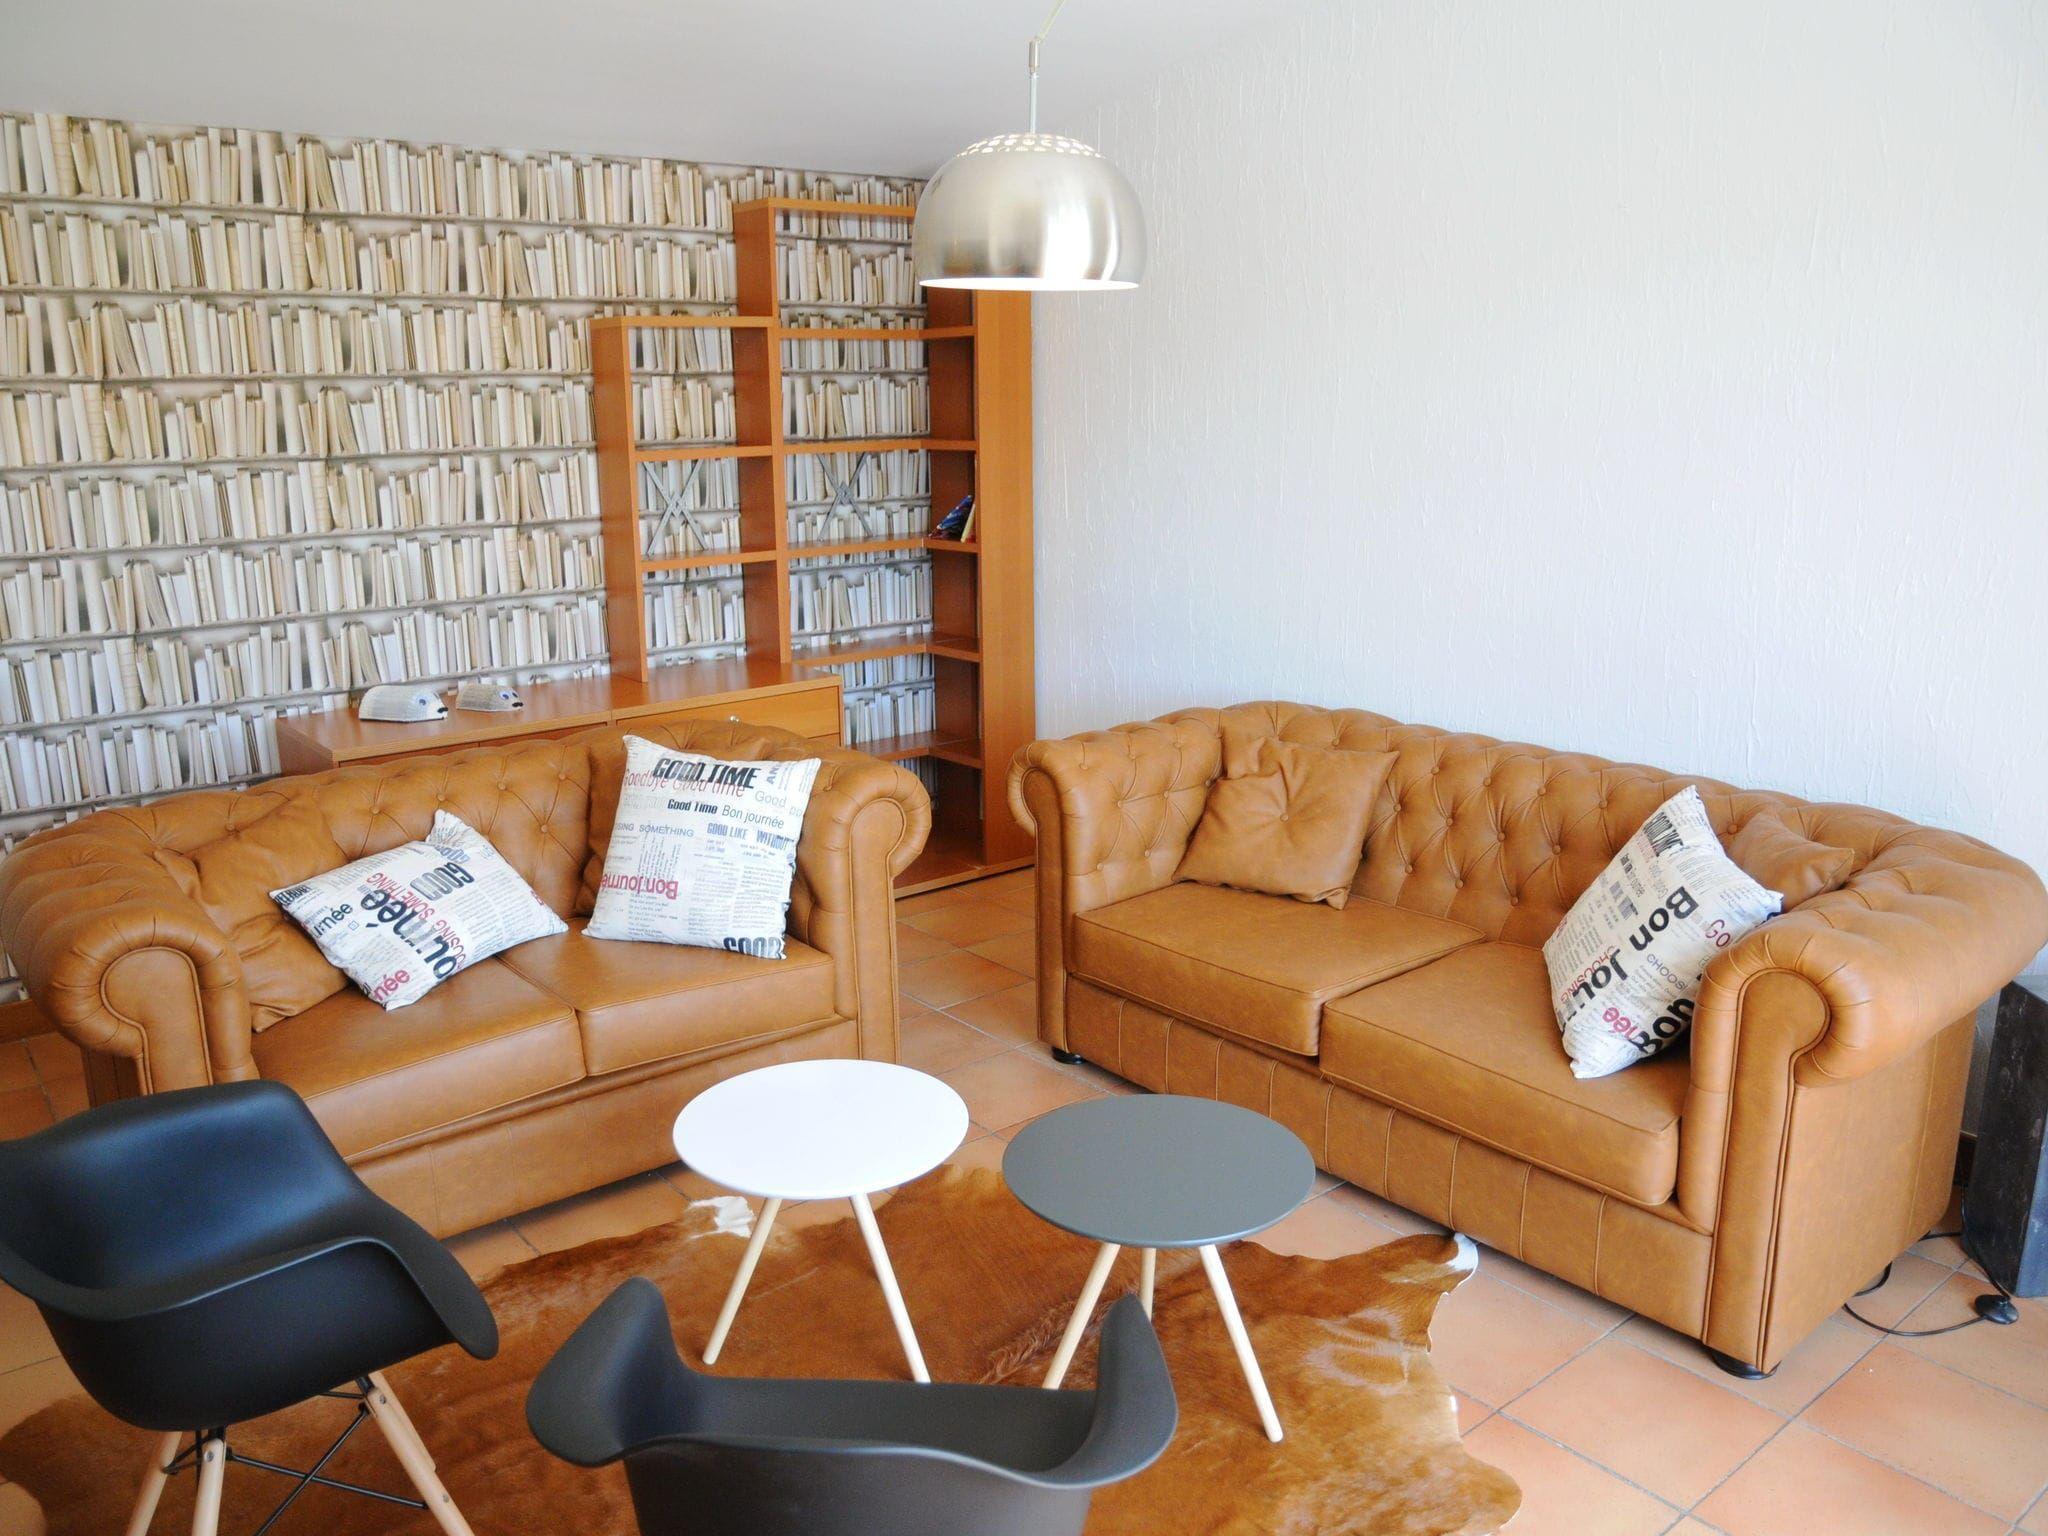 logement de vacances le cerf volant, noiseux, namur, belgique - Cuisine Equipee Belgique